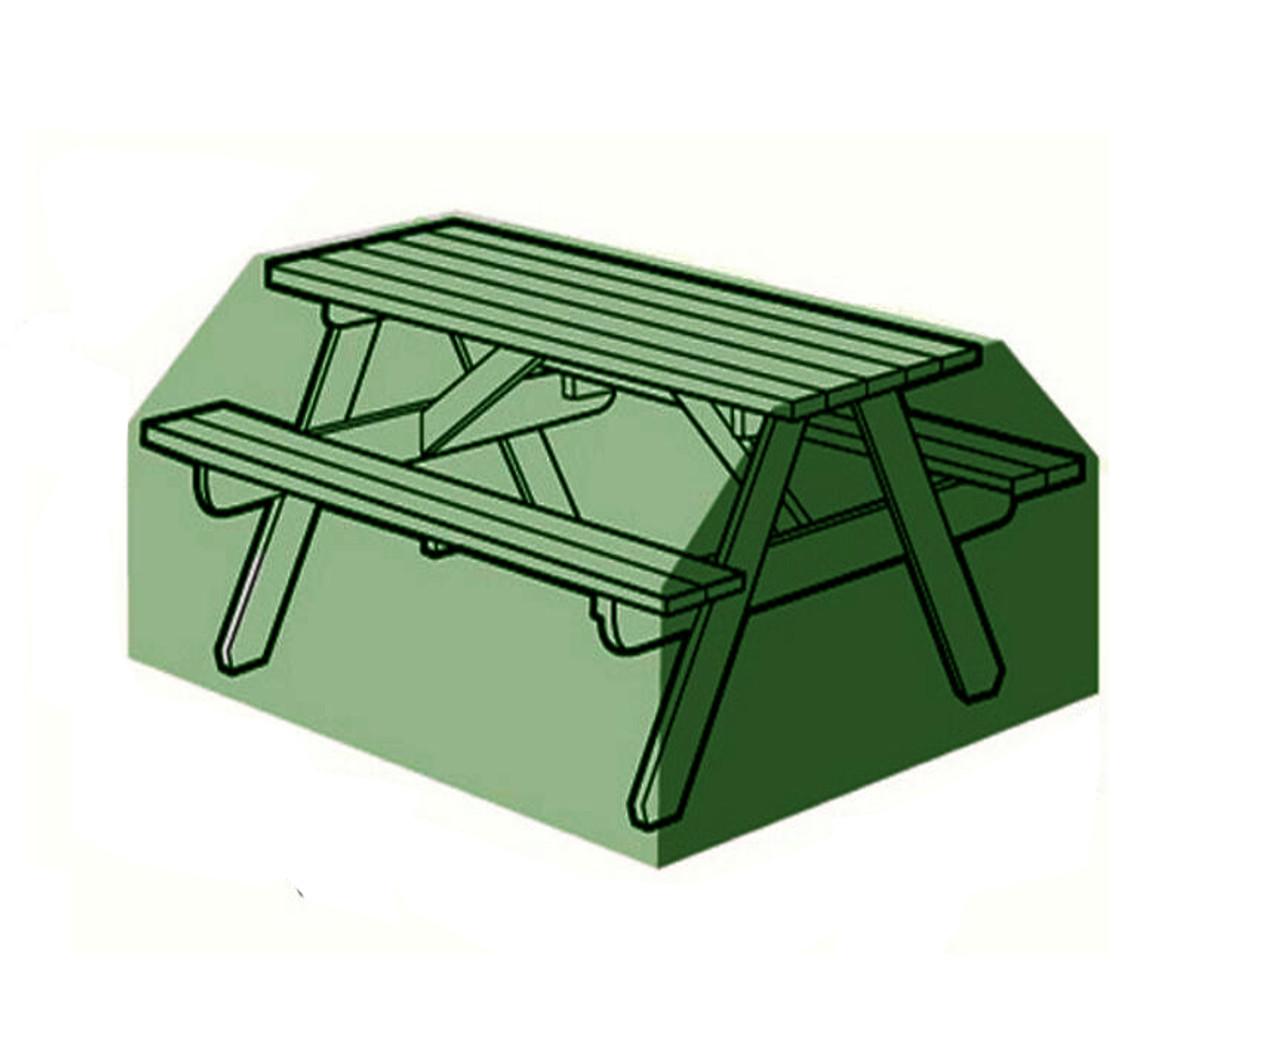 Picnic table cover  sc 1 st  Wu Yi Shuo Jin Trade Co.Ltd. & Picnic table cover - Wu Yi Shuo Jin Trade Co.ltd.